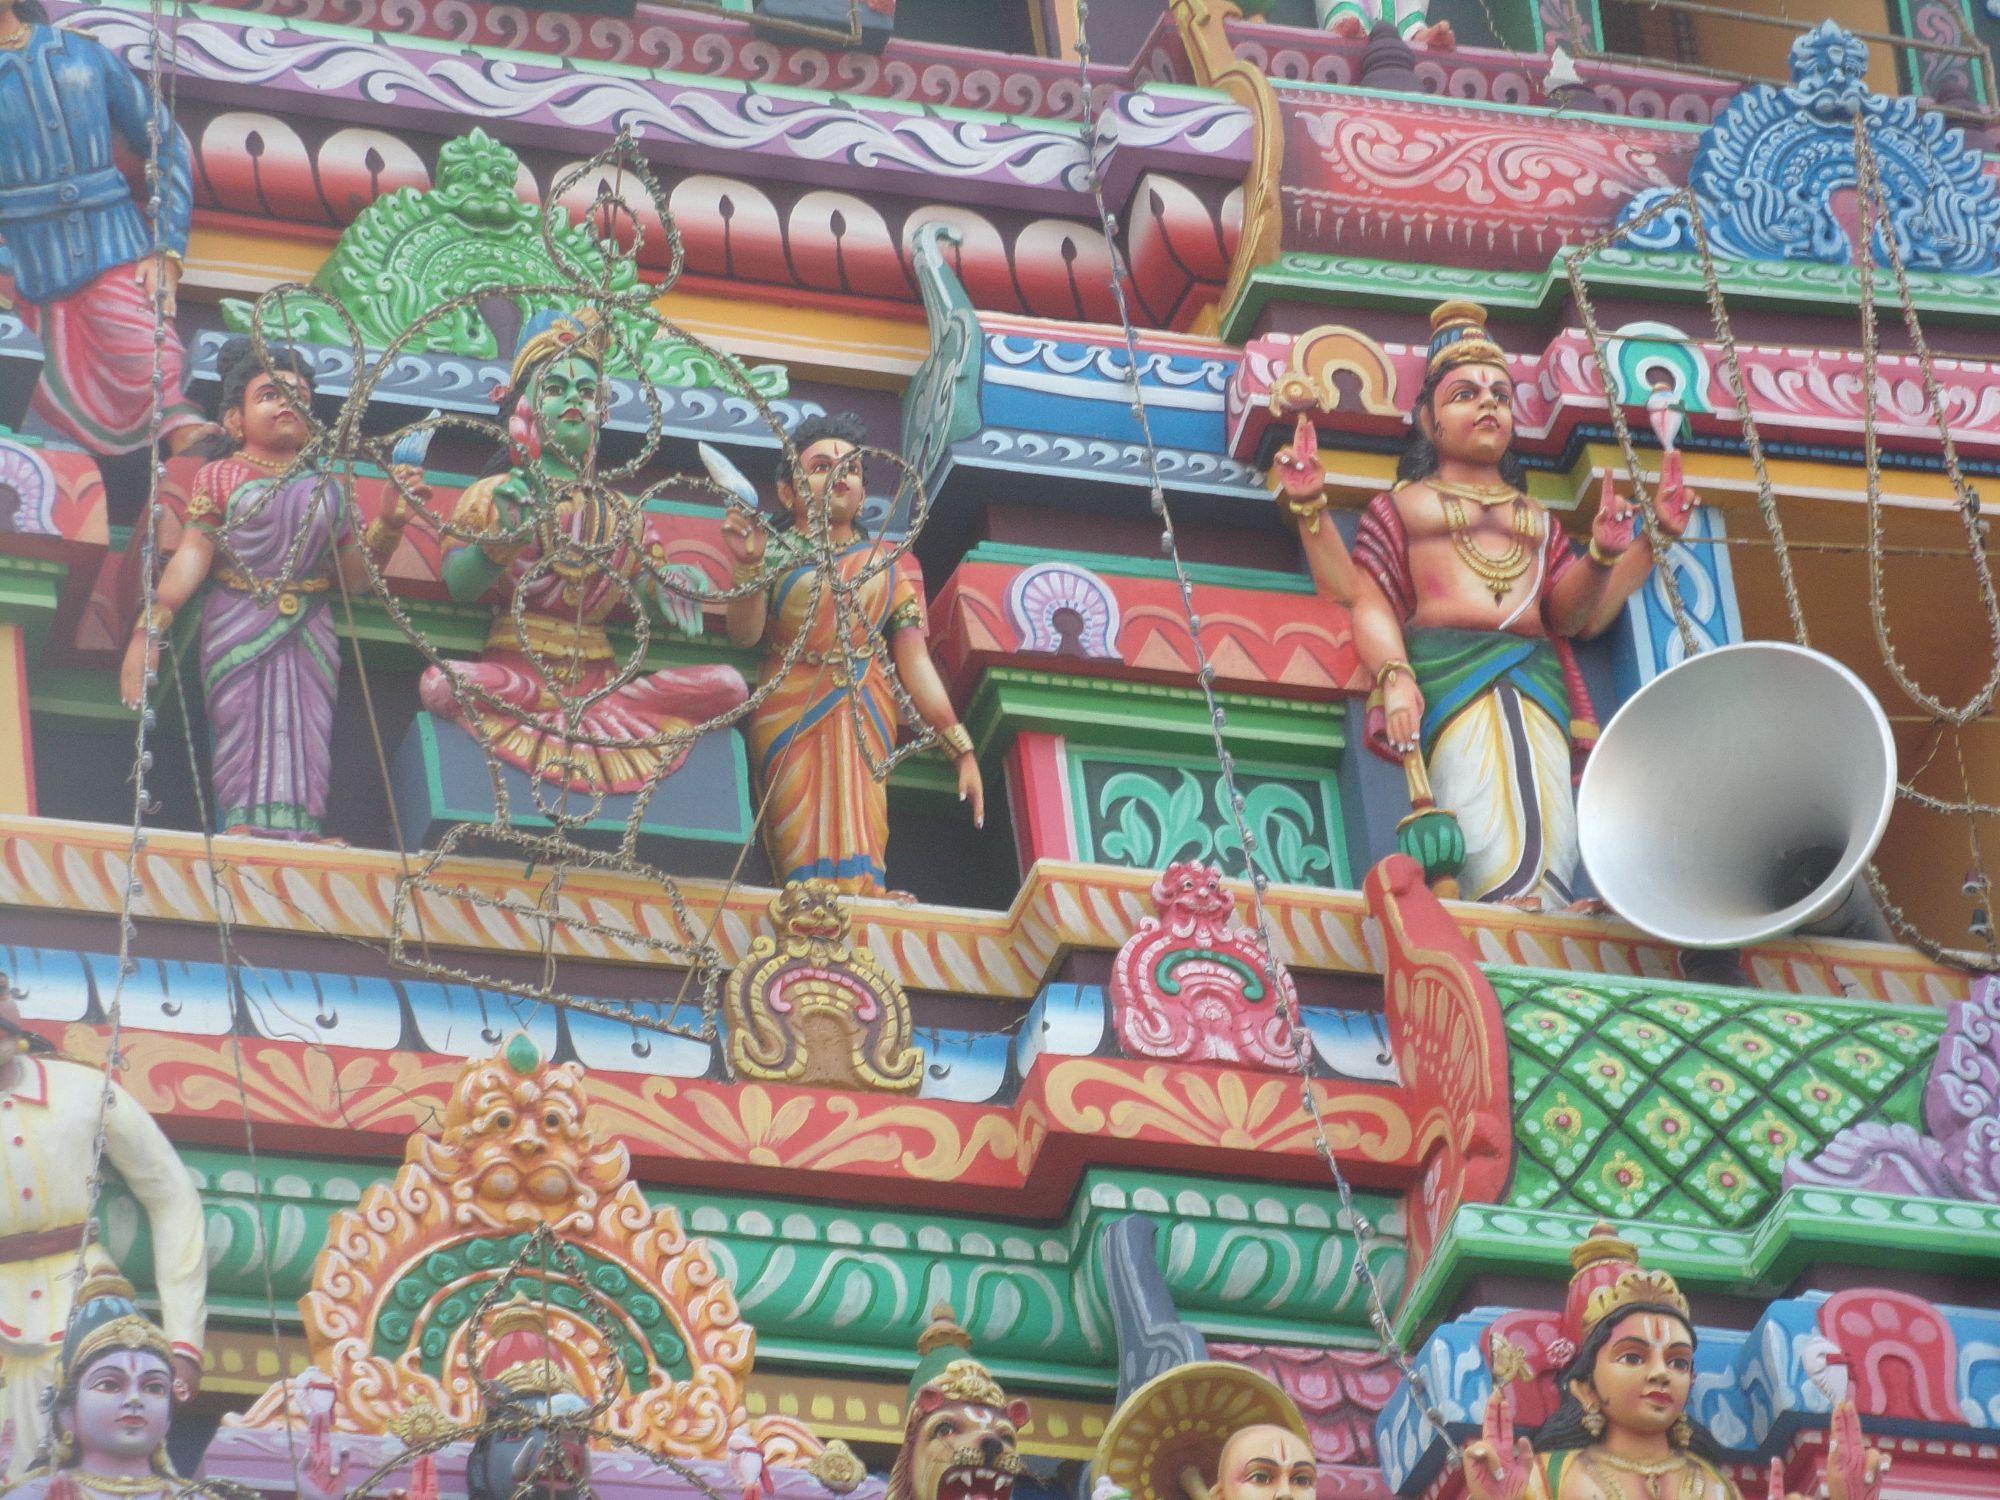 temple dessin sculpture couleur inde du sud visite decouverte pondy